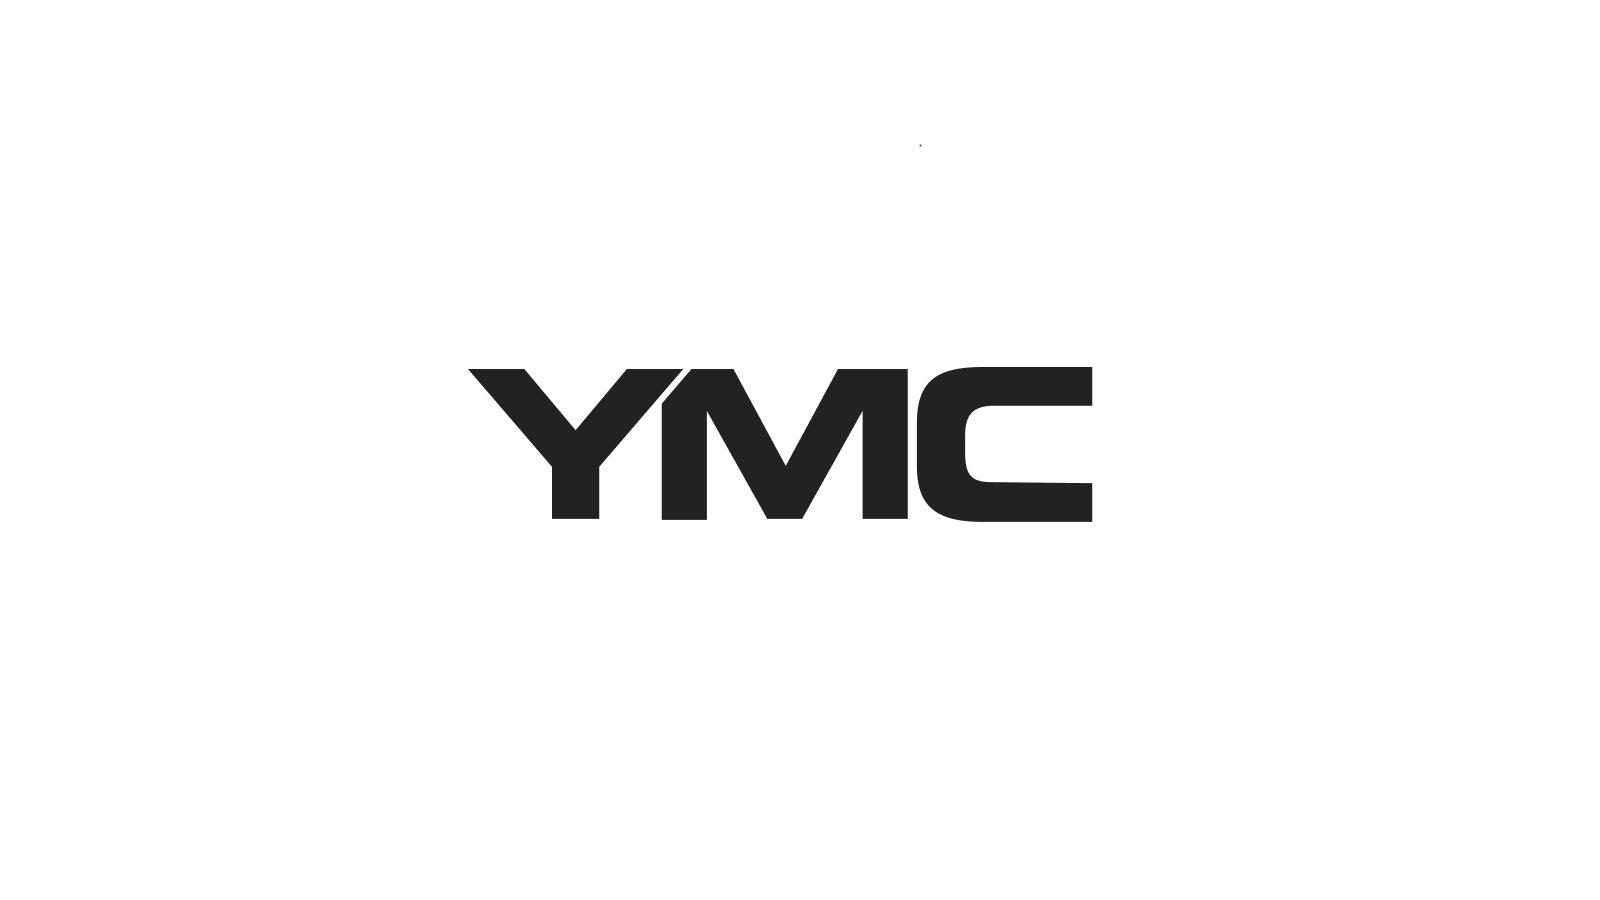 YMC_1600